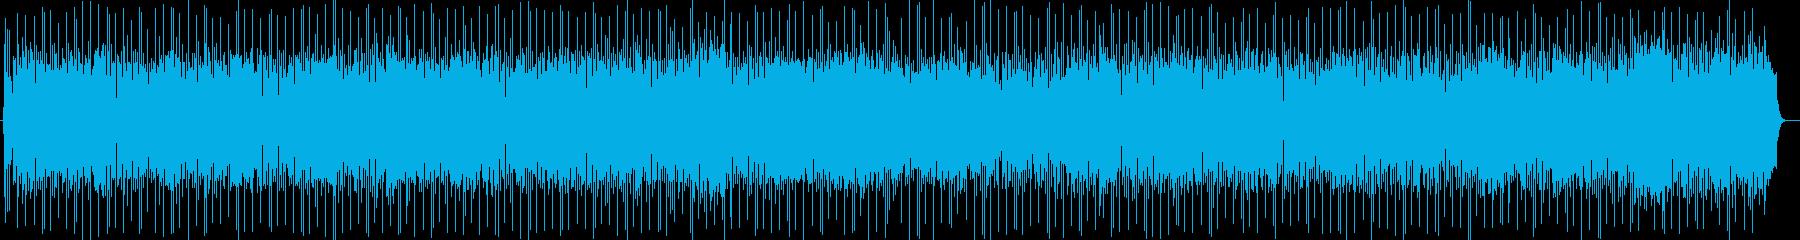 しっとりしたキーボードが特徴のバラードの再生済みの波形